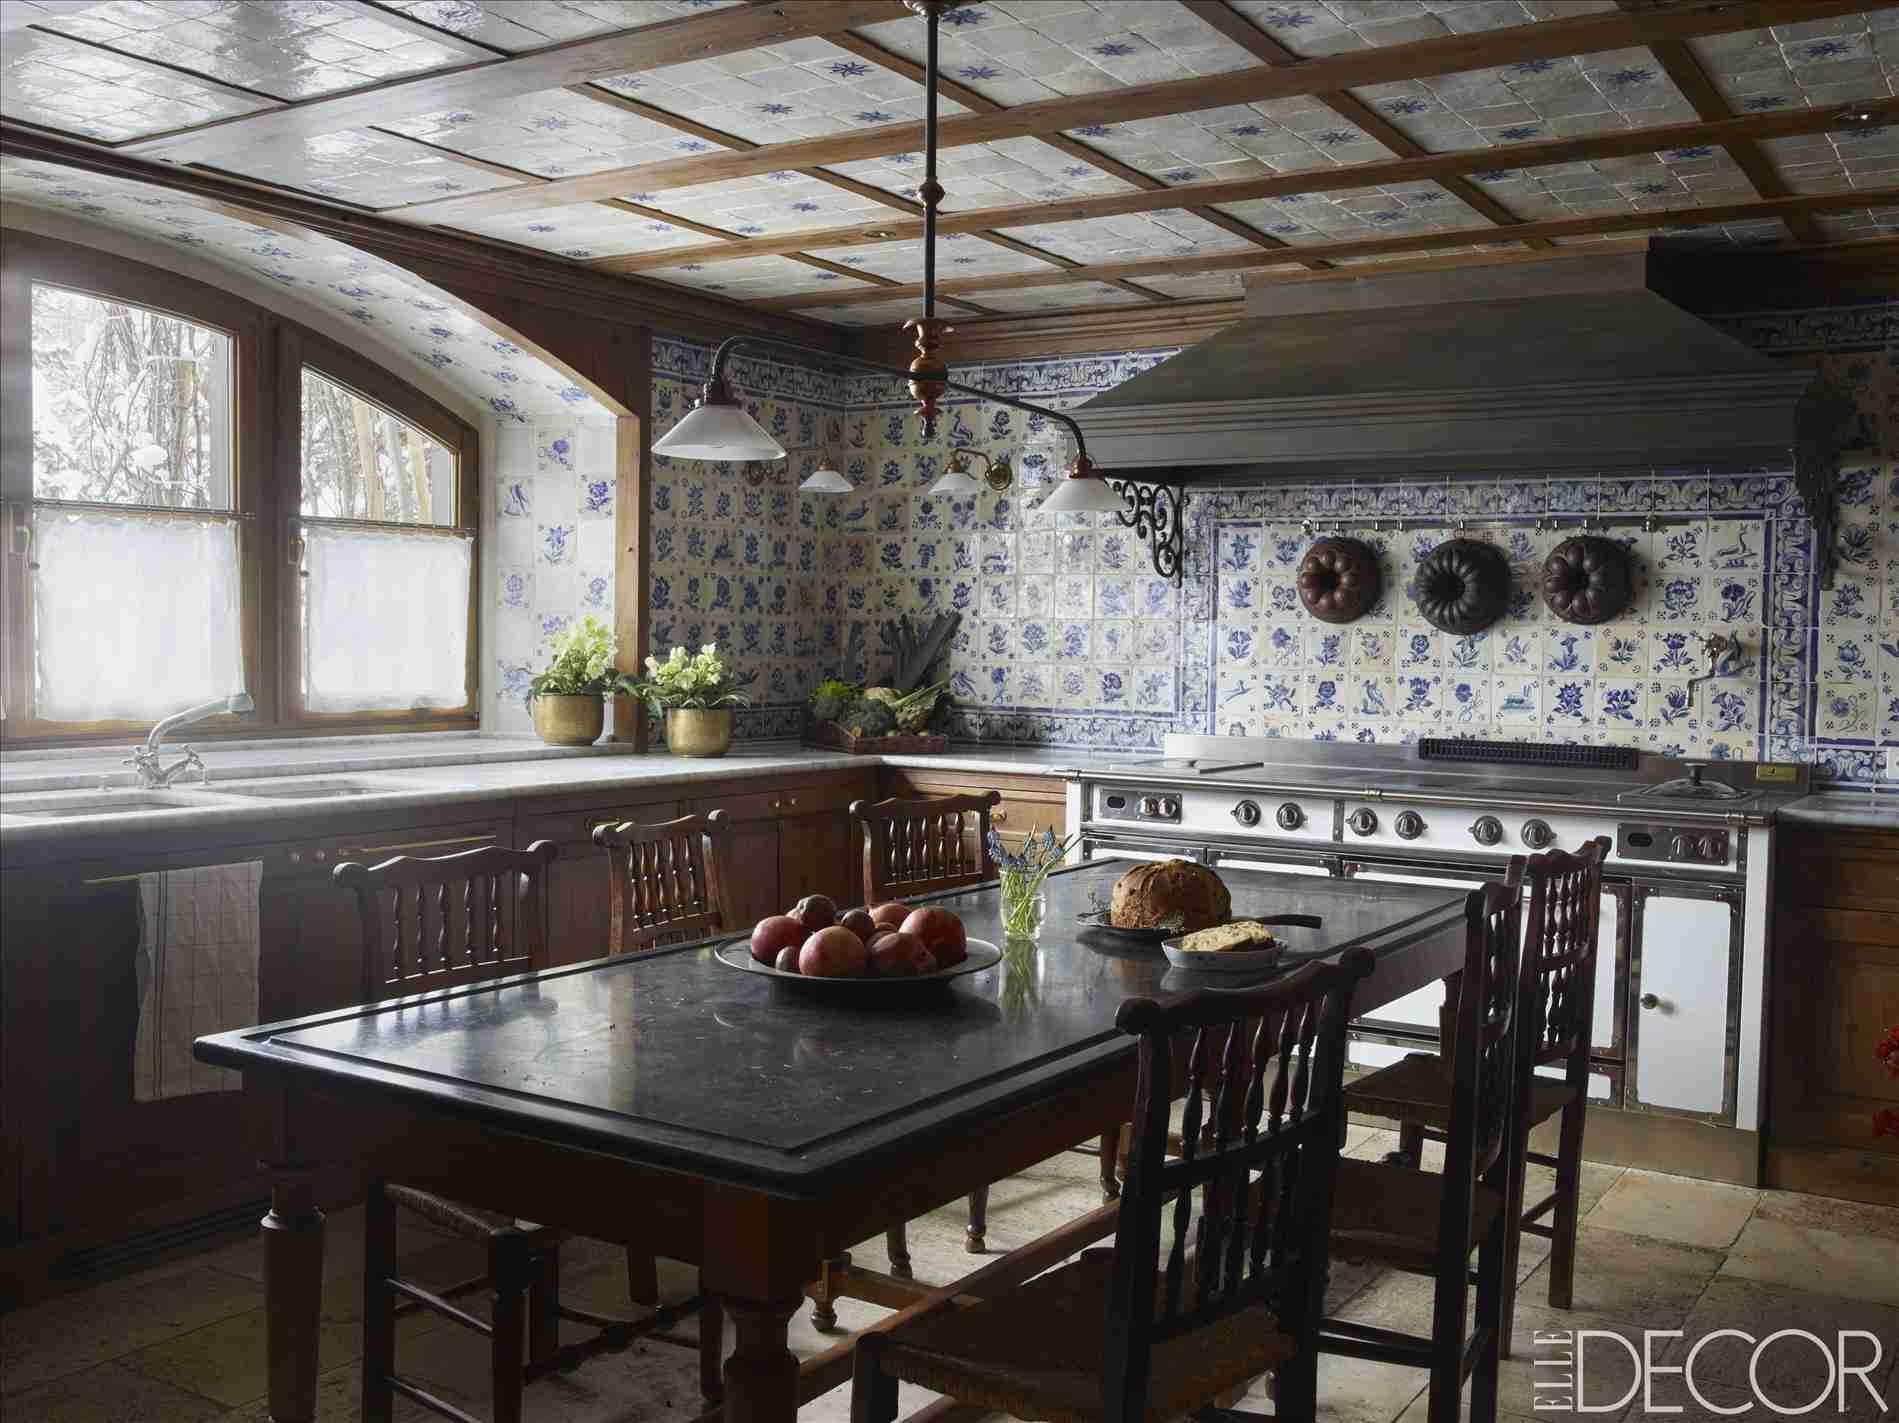 Italian Kitchen Decor Full Size Of Kitchen Vintage Italian Metal Signs Modern Italian Kitchen Design T Country Kitchen Designs Rustic Kitchen Tuscan Kitchen